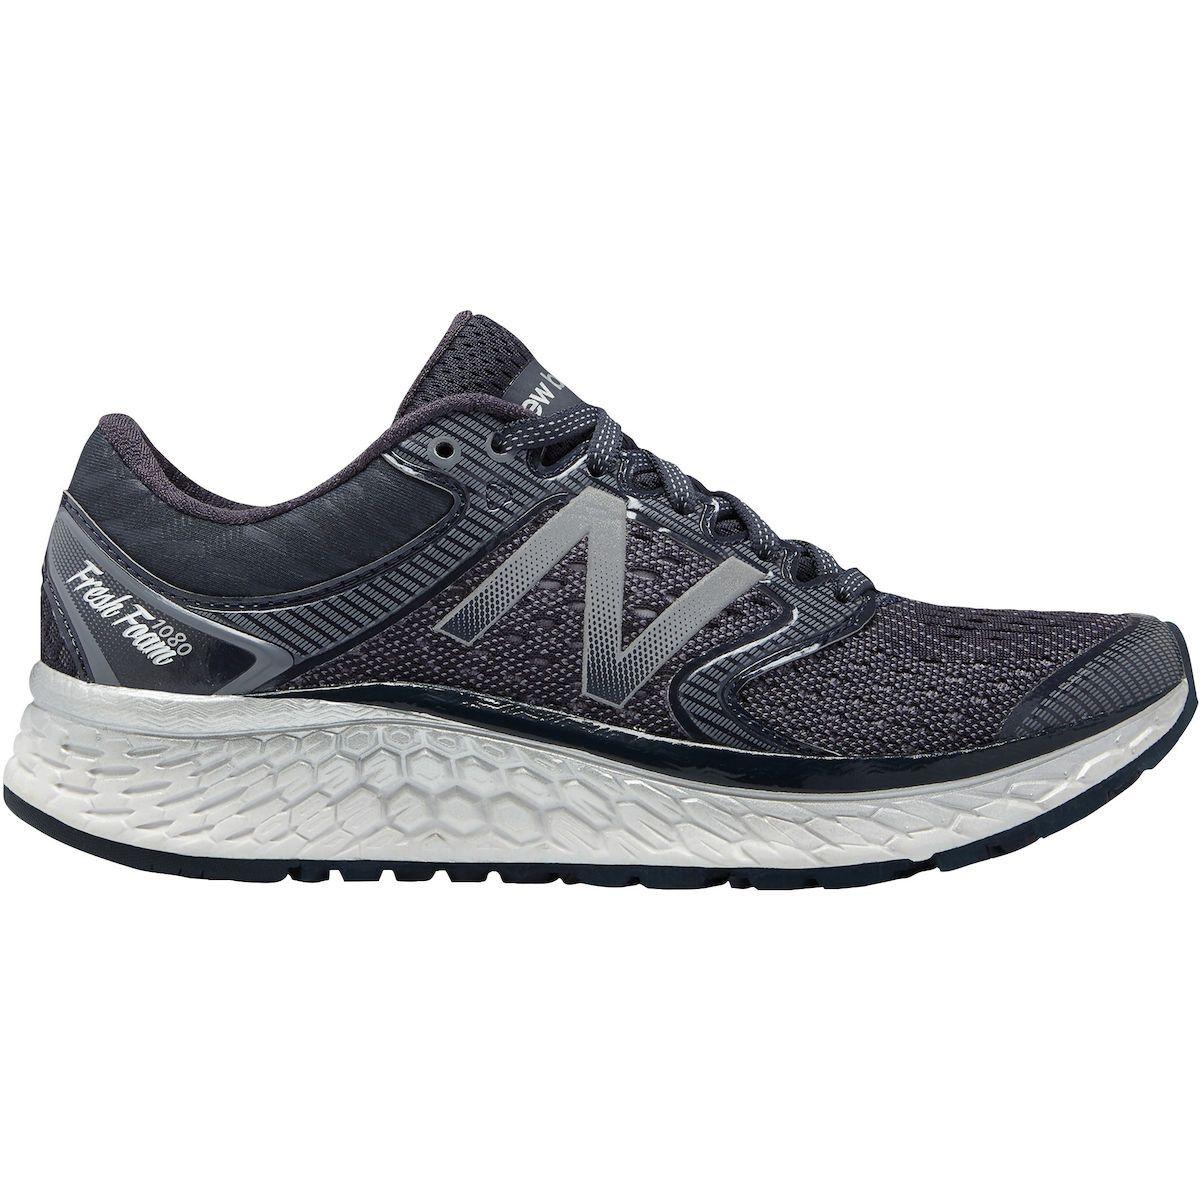 503a3717de4 Chaussures de course à pied 1080V7 pour femme